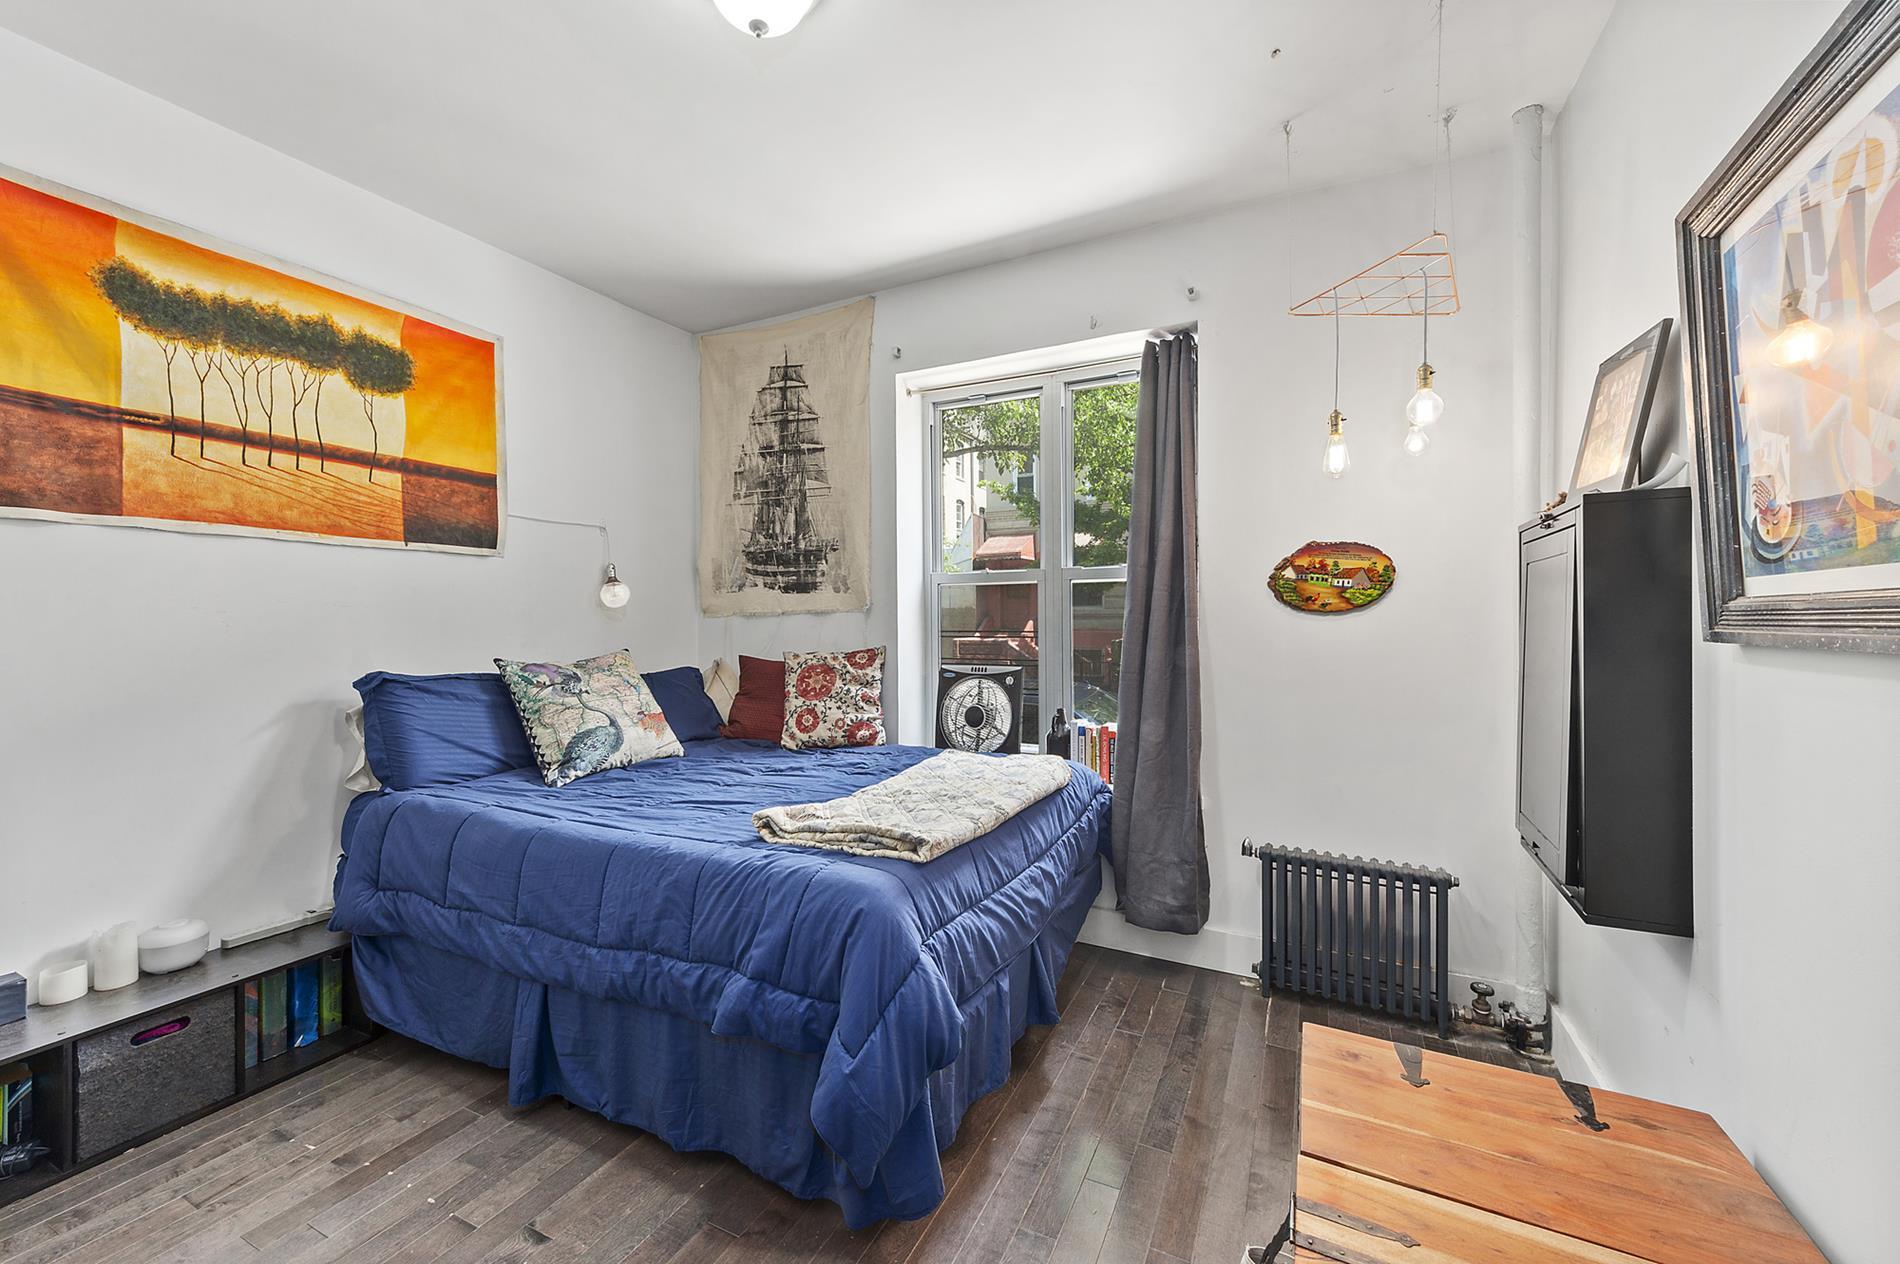 584 West 152nd Street Hamilton Heights New York NY 10031